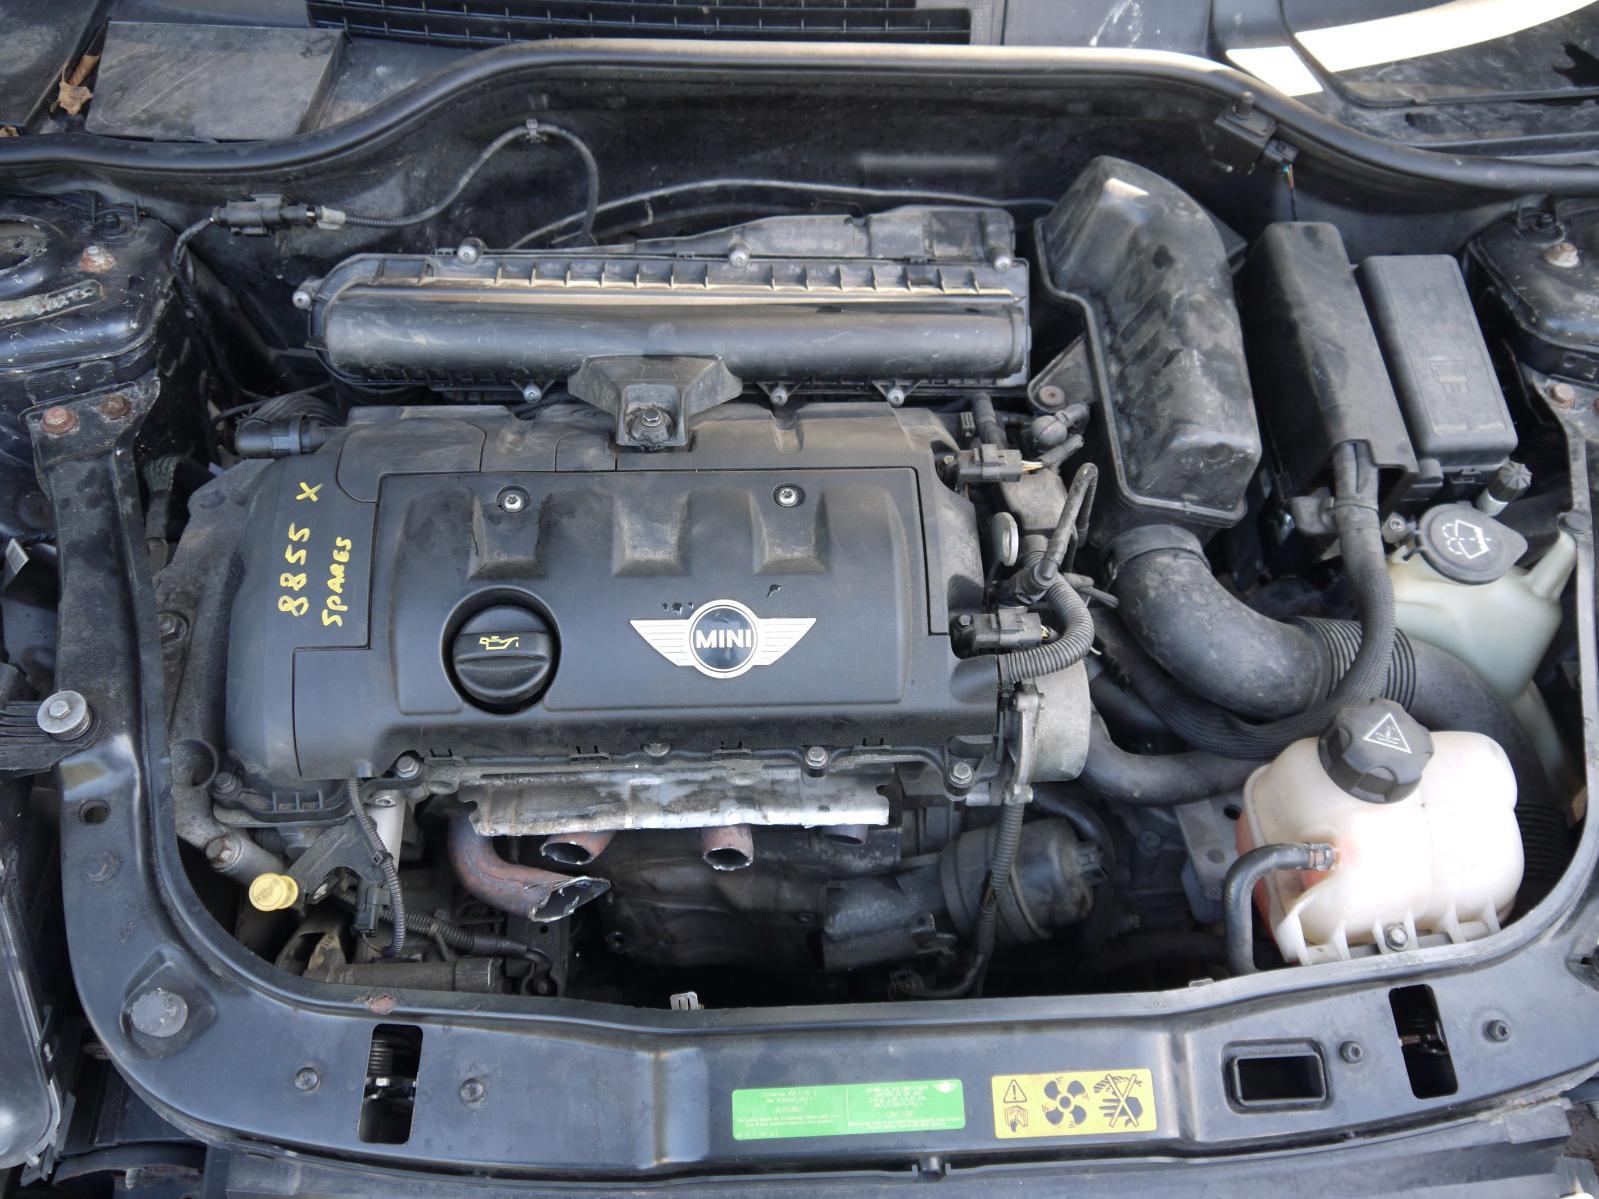 View MINI (BMW) MINI 2007 3 Door Hatchback